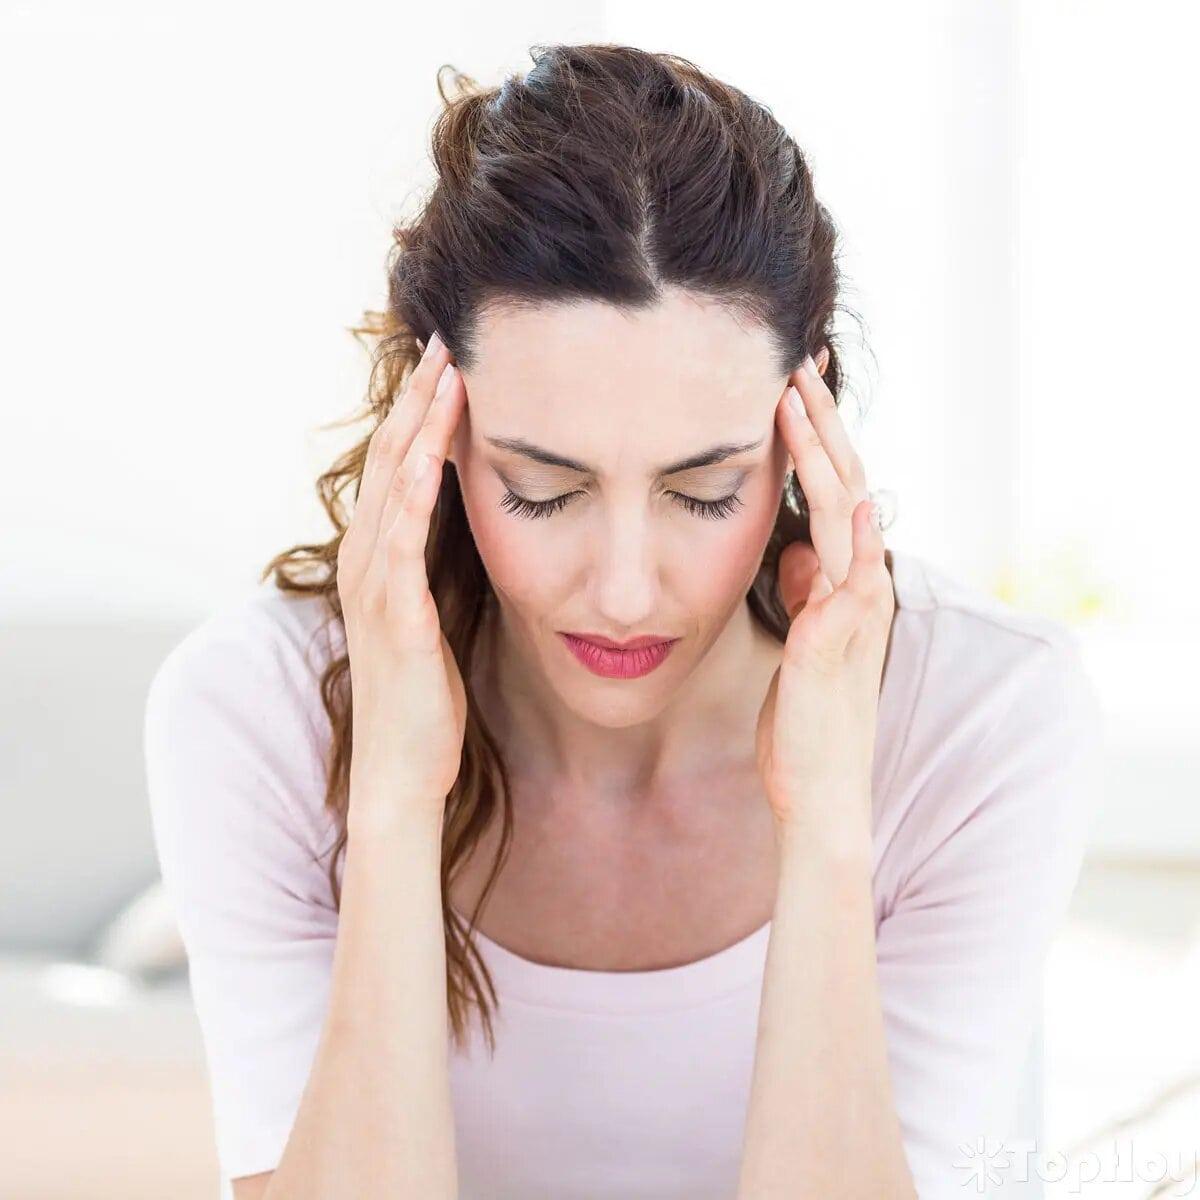 Como cualquier fármaco tiene sus efectos secundarios al consumirlas como dolor de cabeza, molestia en las mamas, náuseas, manchado irregular y desajustes en la menstruación.